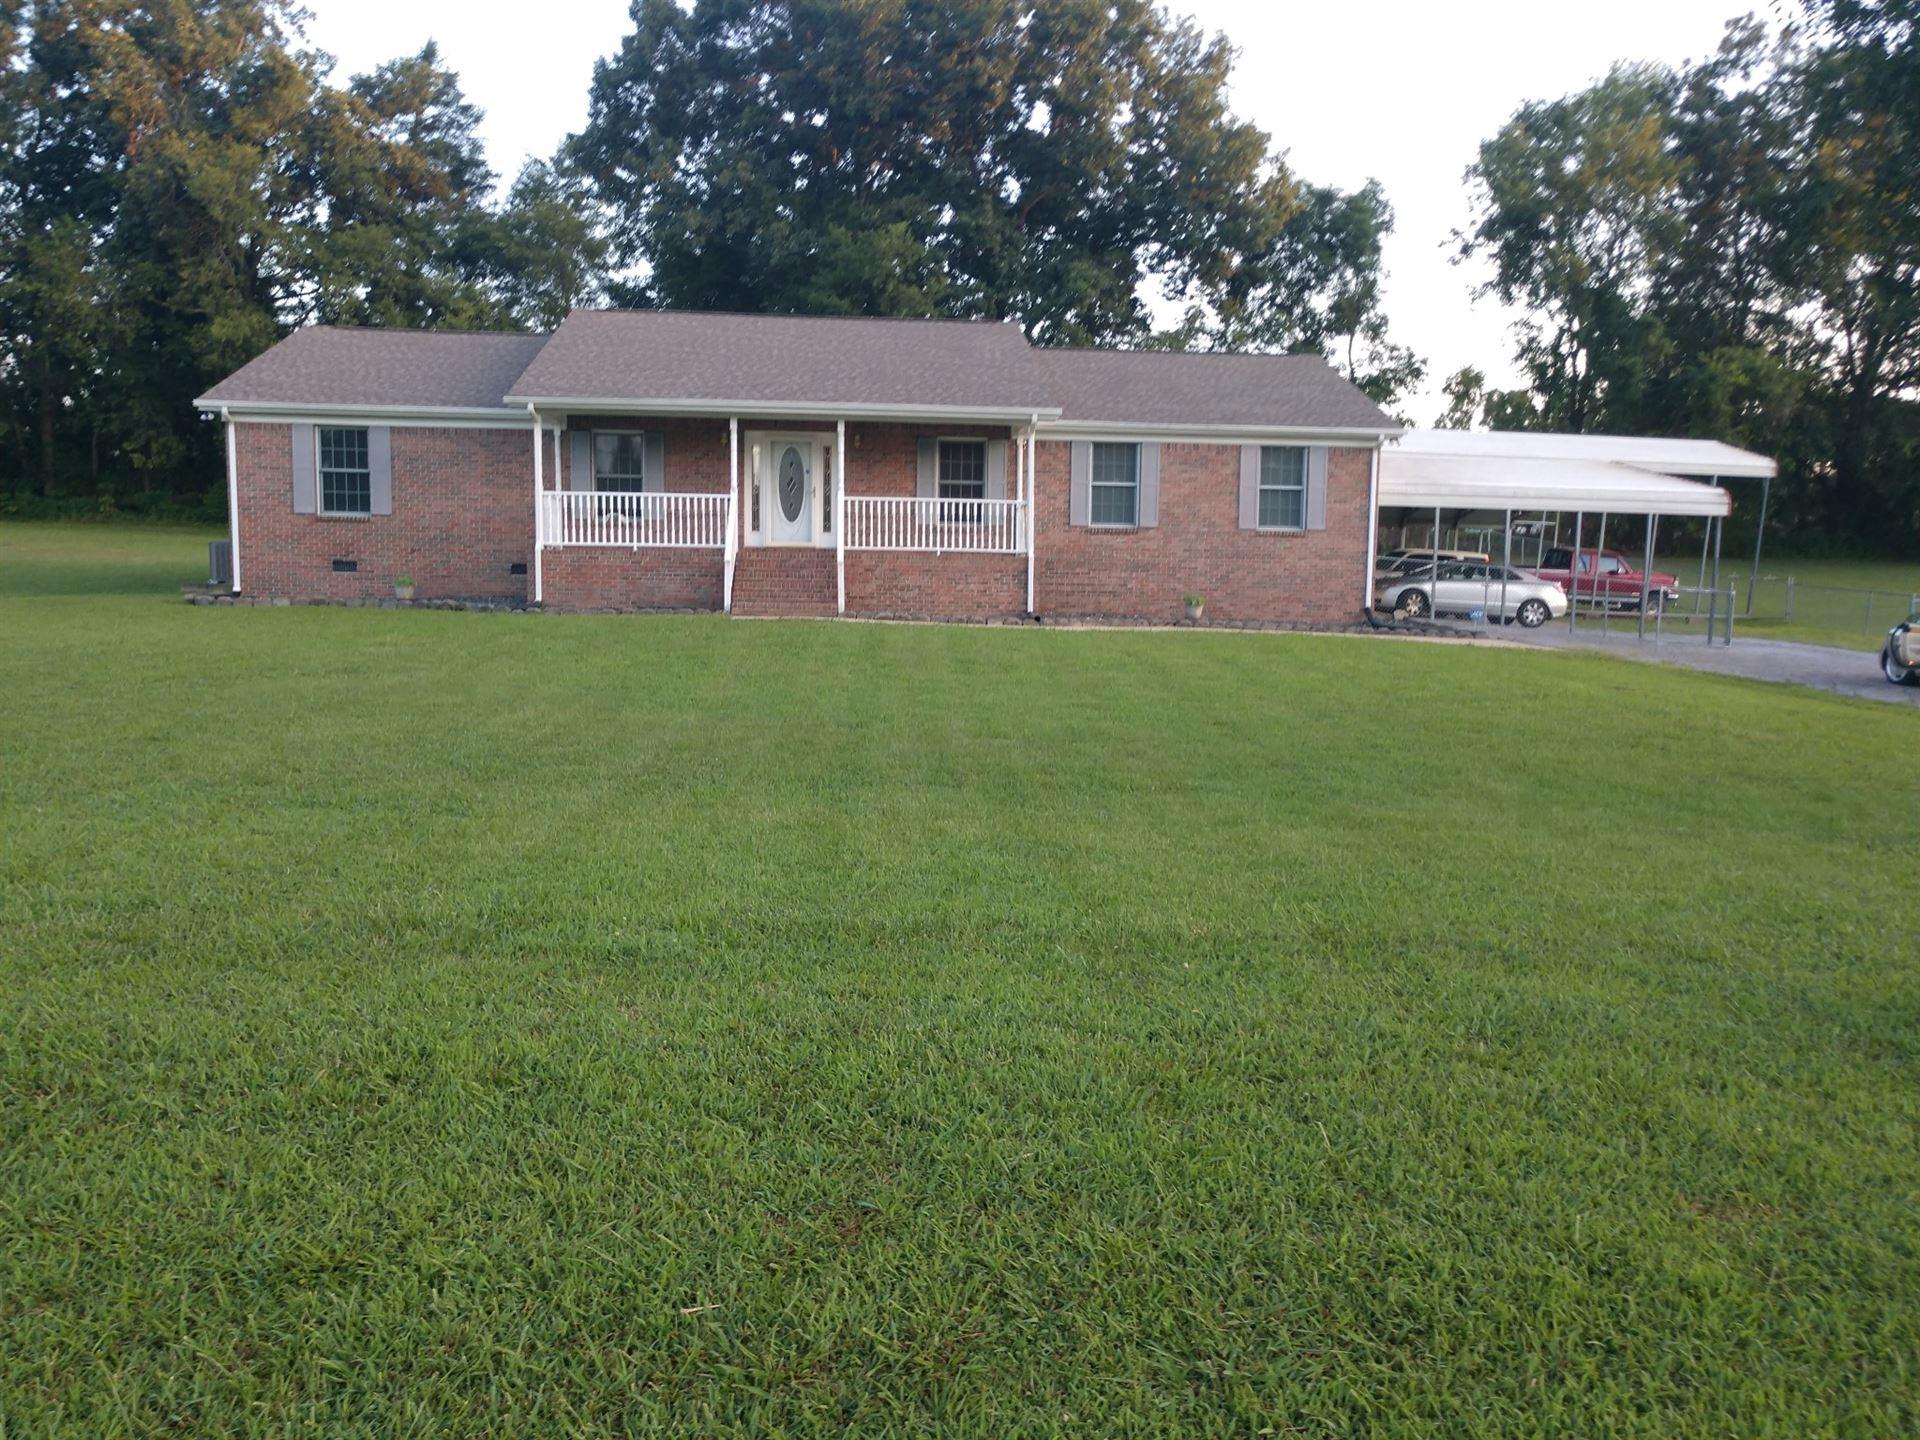 105 Summer Ln, Shelbyville, TN 37160 - MLS#: 2169922